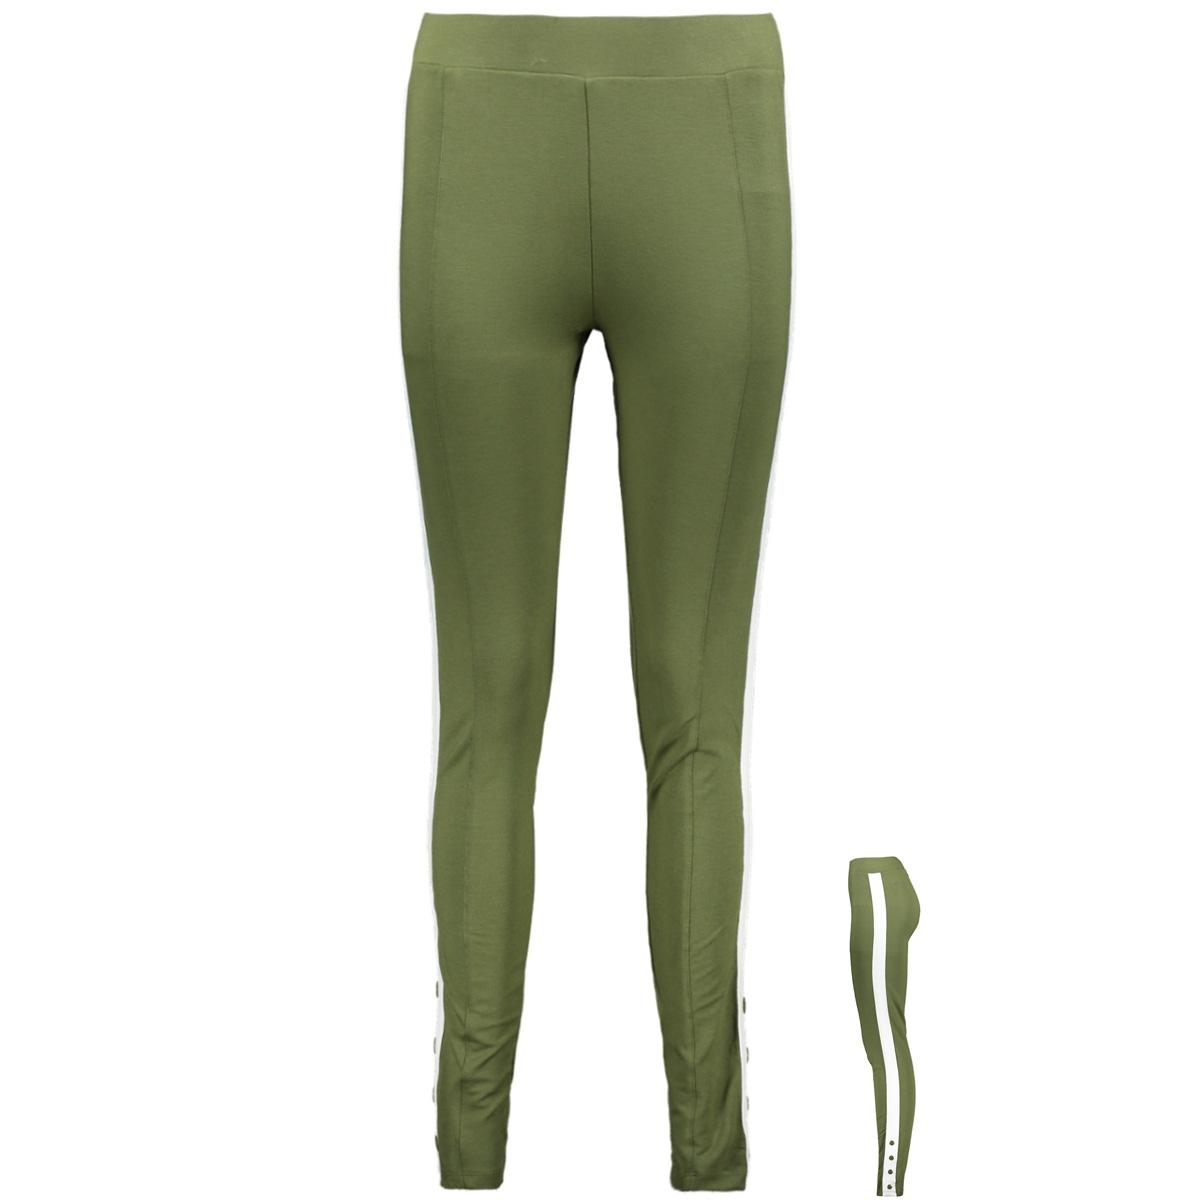 legging with button hr1920 zoso legging army/offwhite